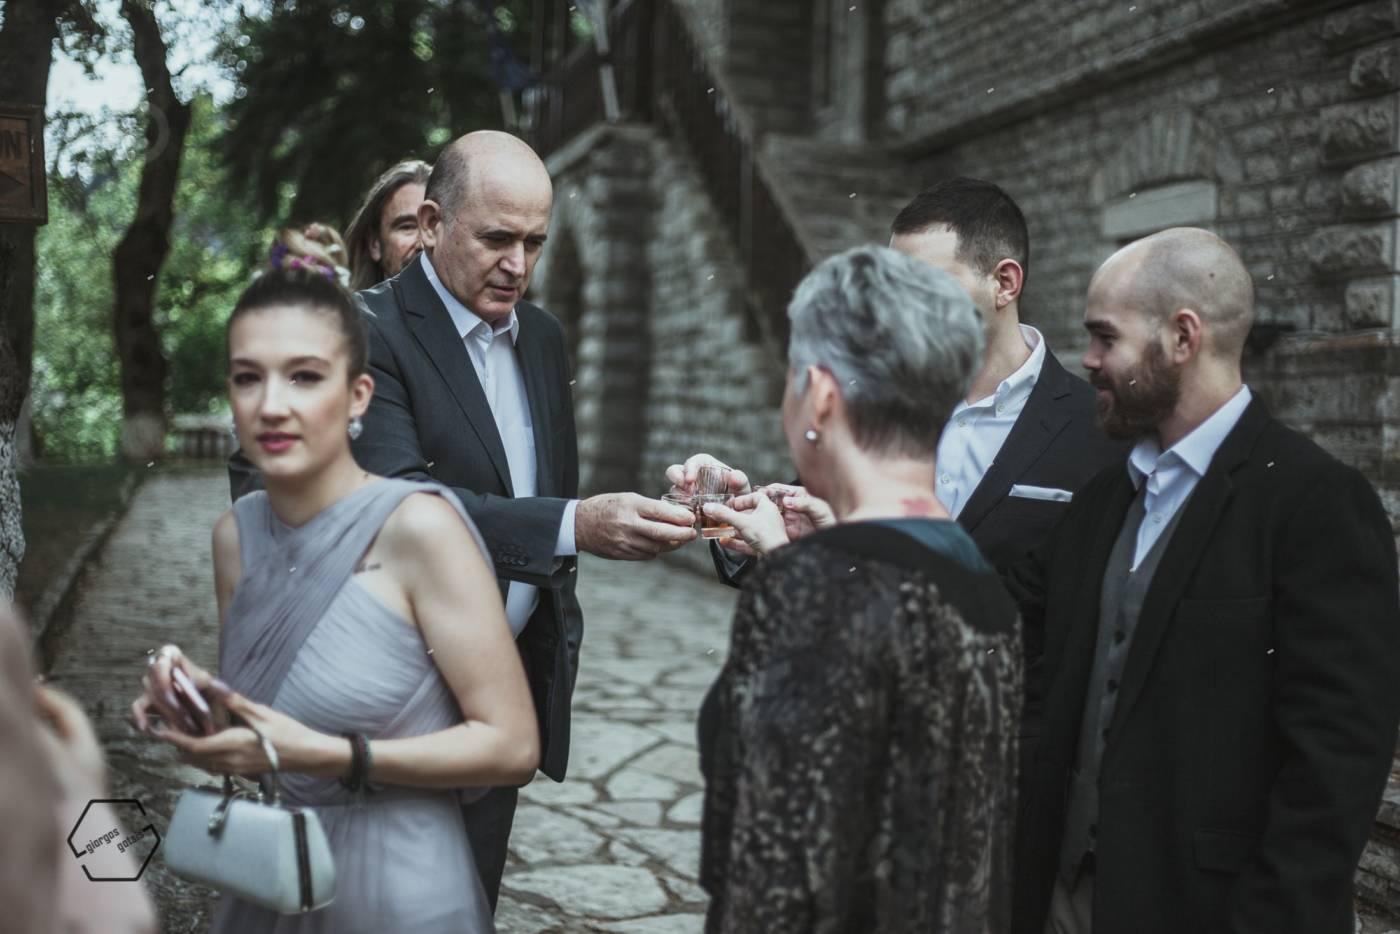 πολιτικός γάμος, αρχοντικό χατζηγάκη